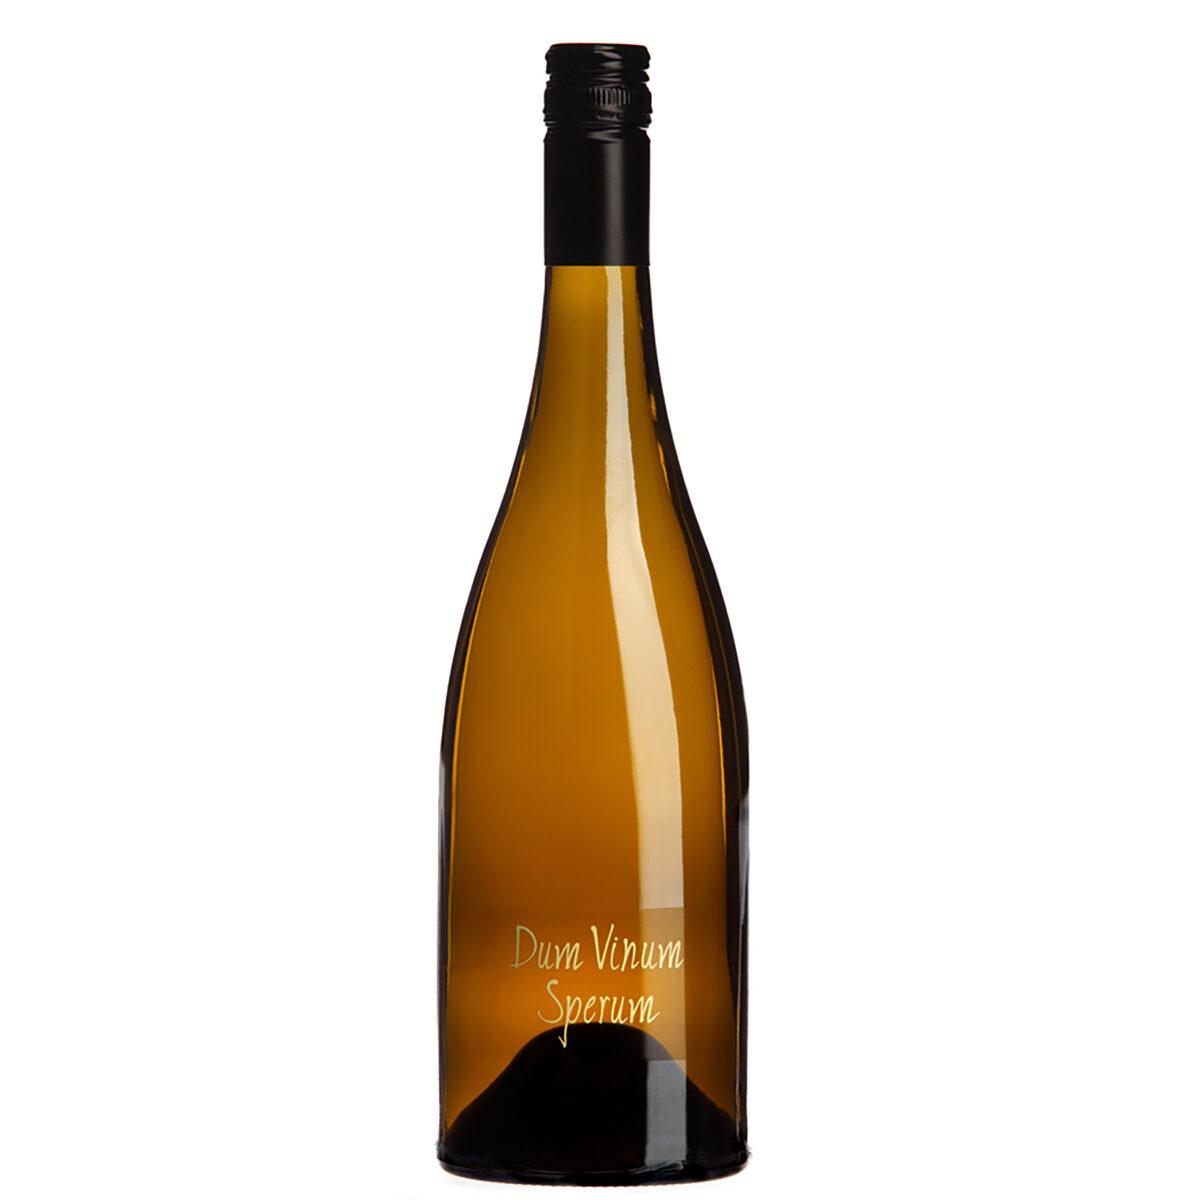 300305-DUM_VINUM_SPERUM-griechischer-barriques-chardonnay